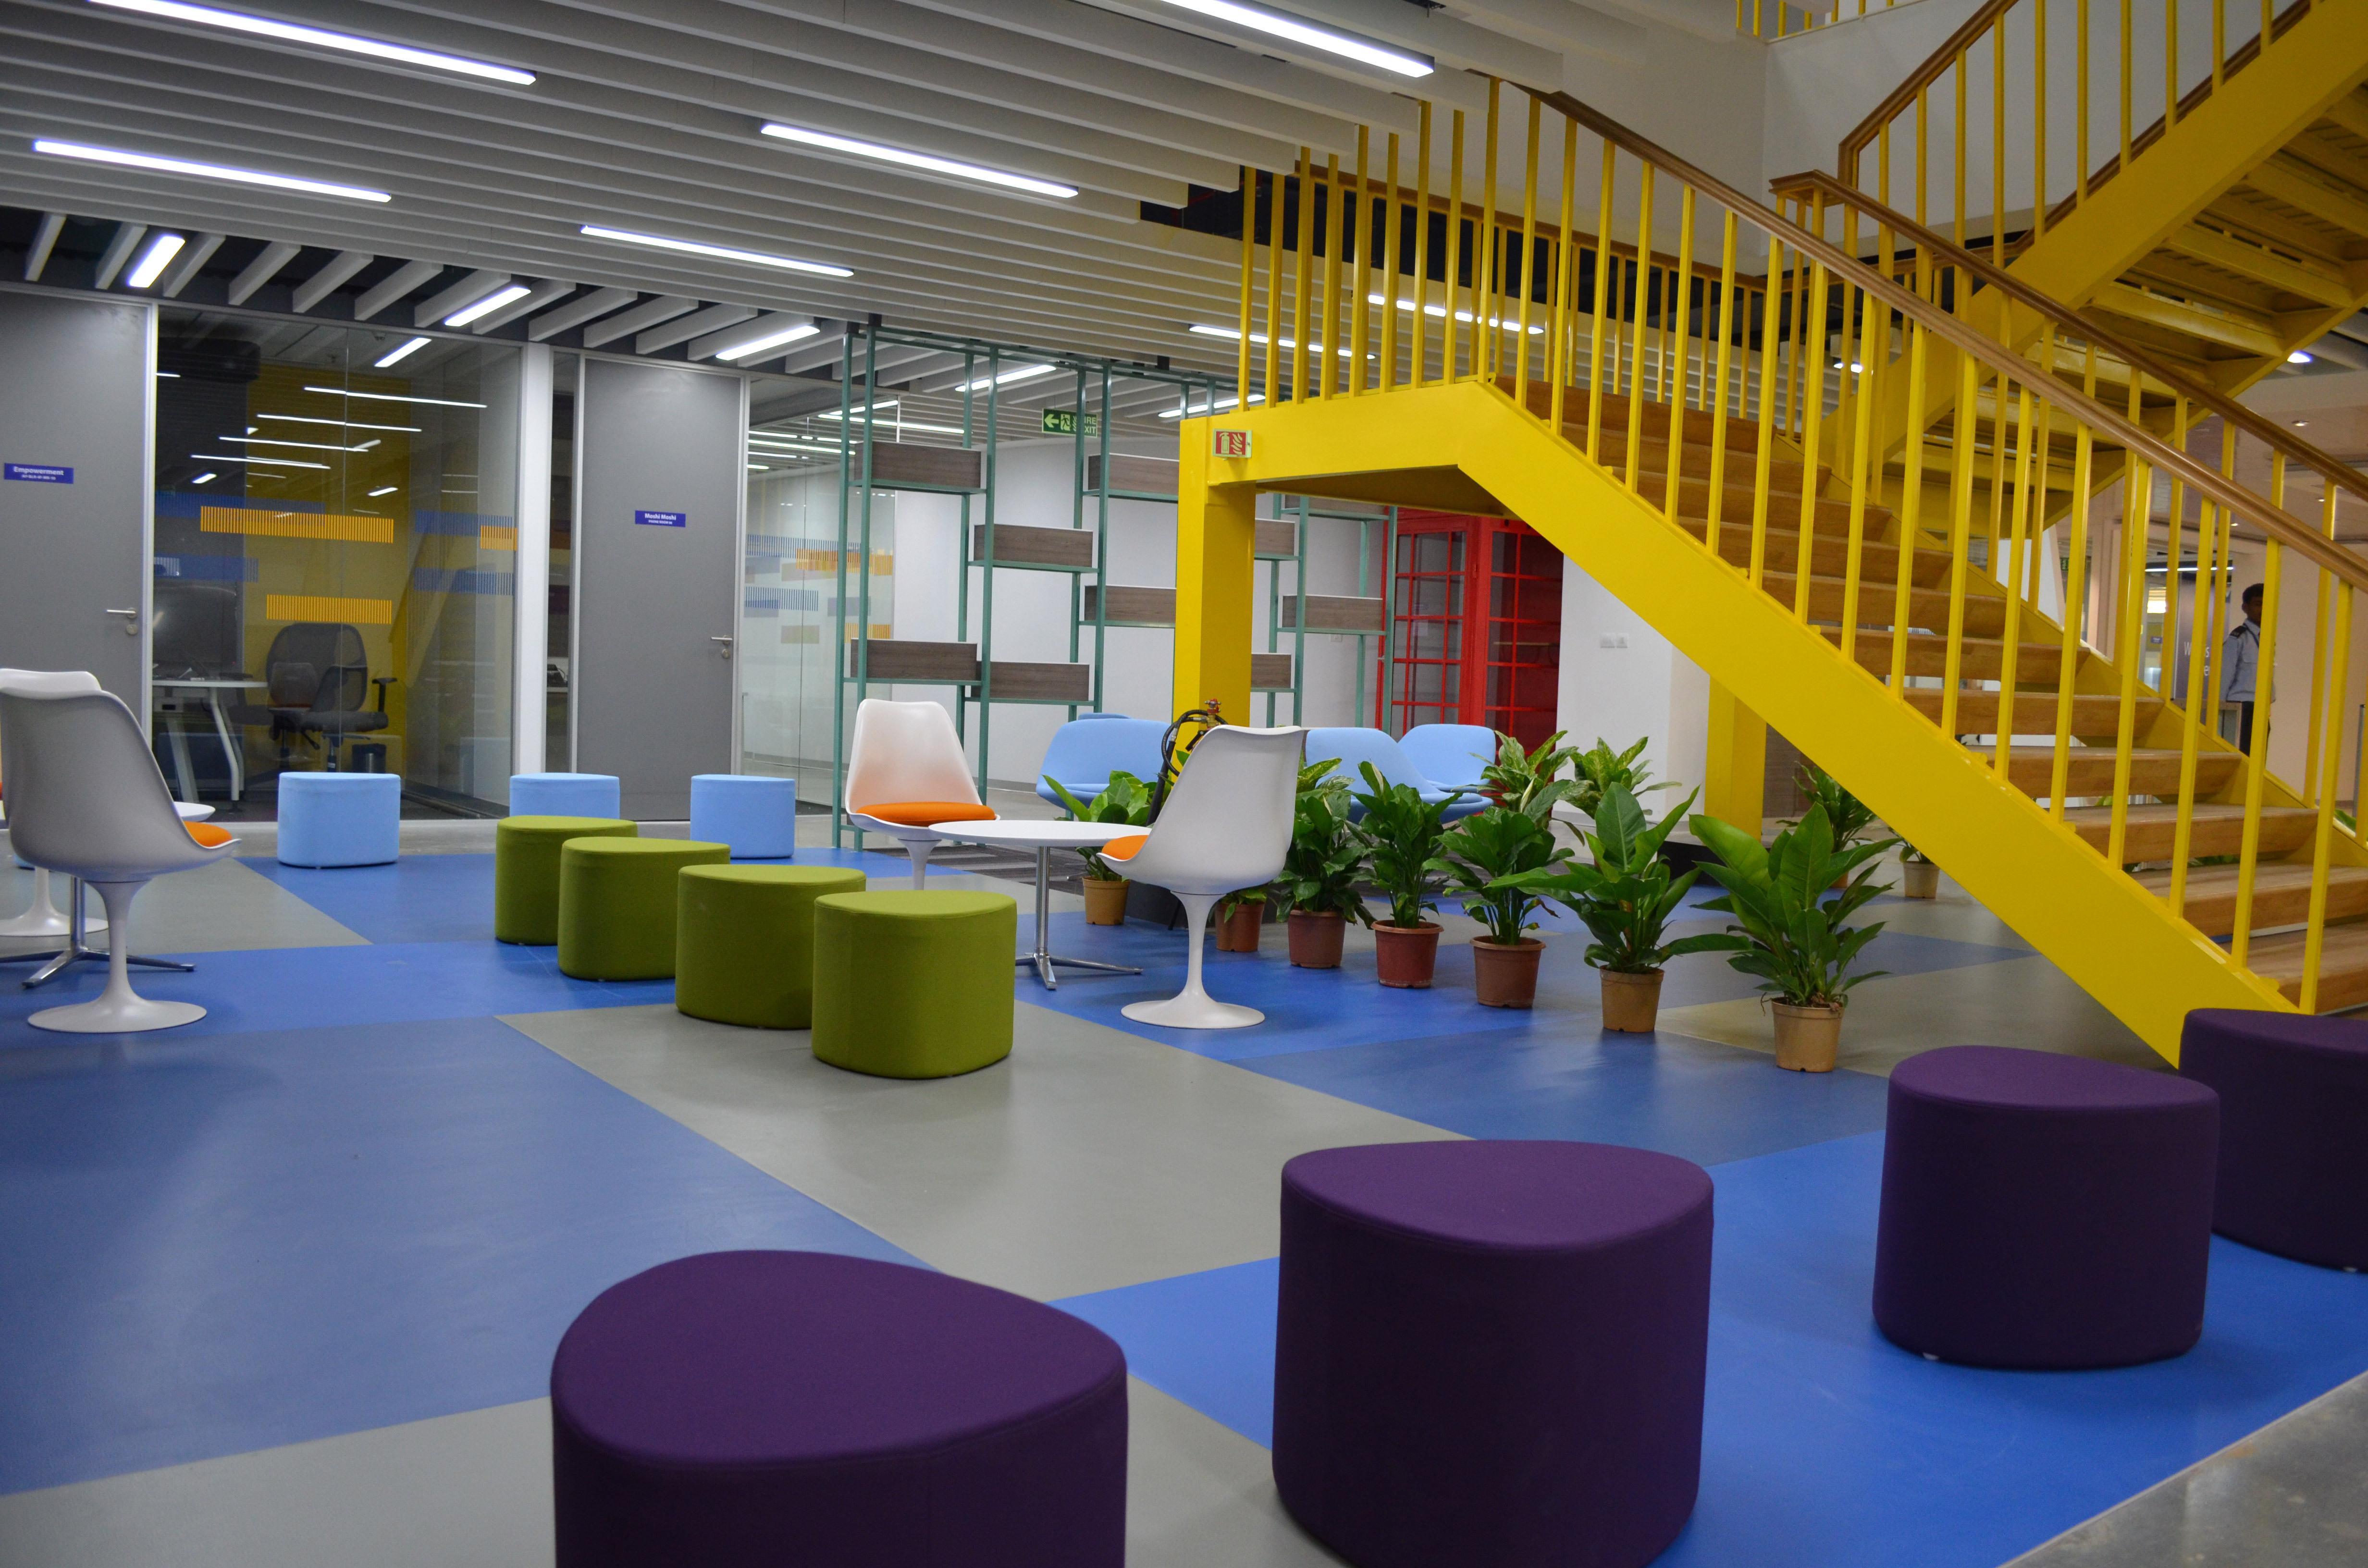 Visa eröffnet Technologiezentrum in Bangalore: beschleunigt